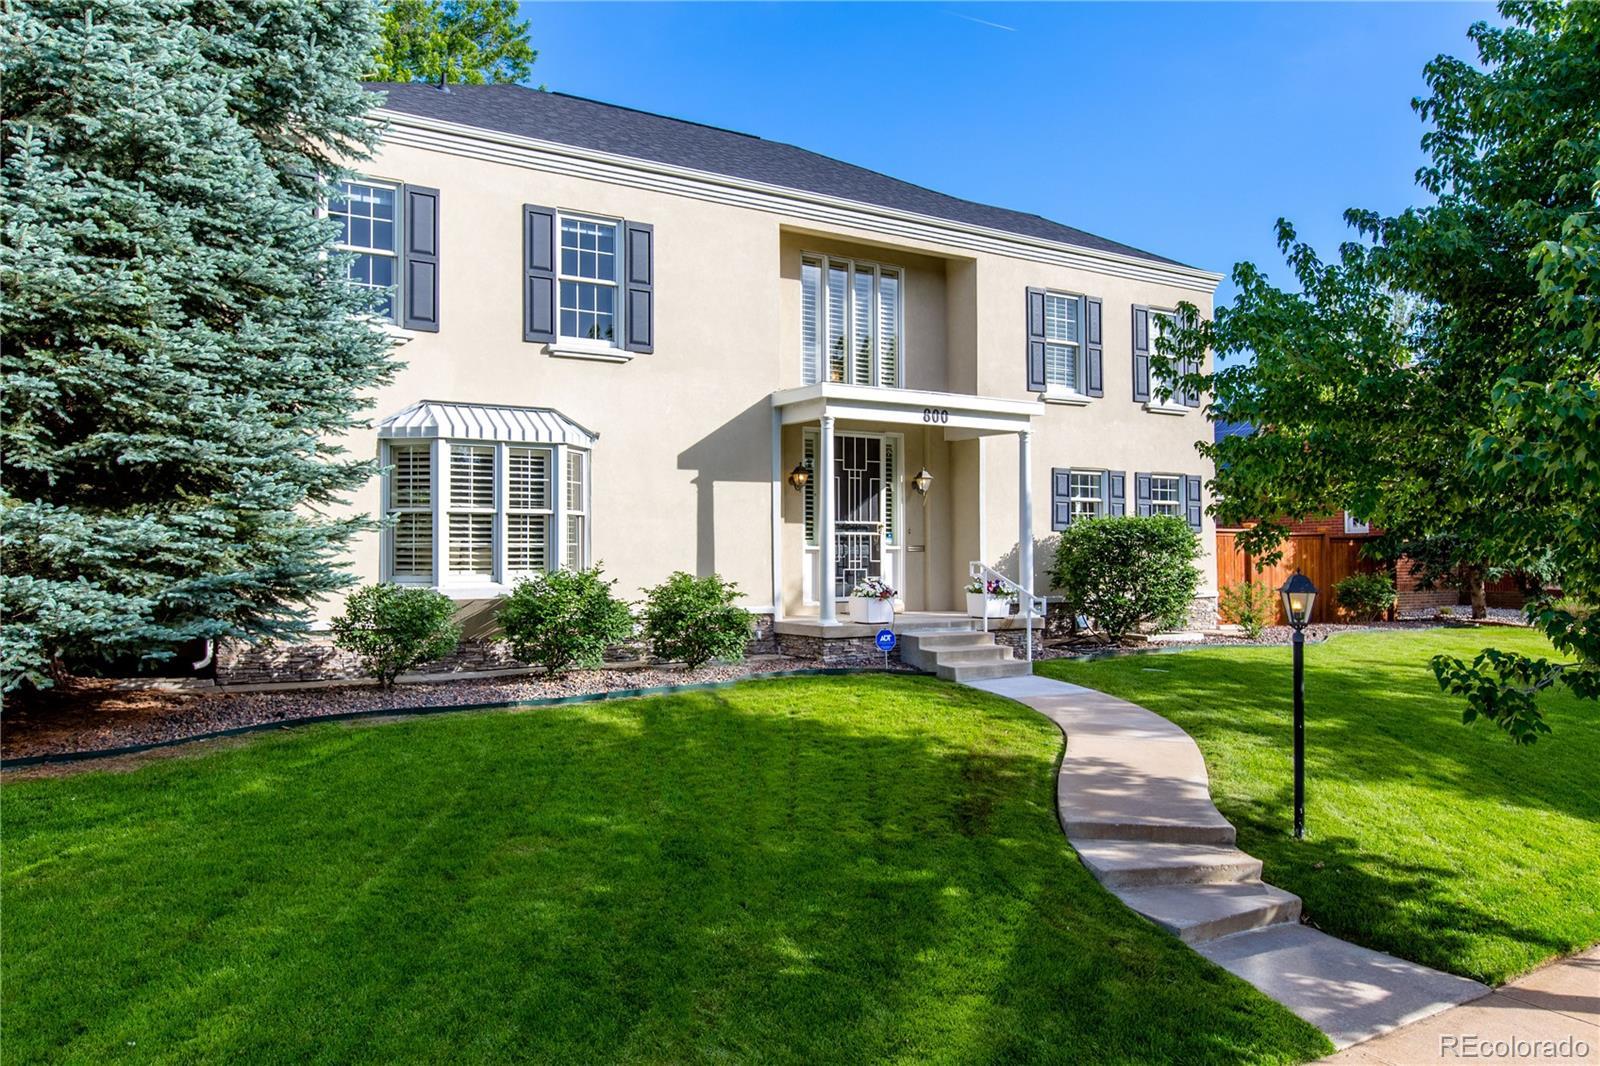 800 S Medea Way Property Photo - Denver, CO real estate listing